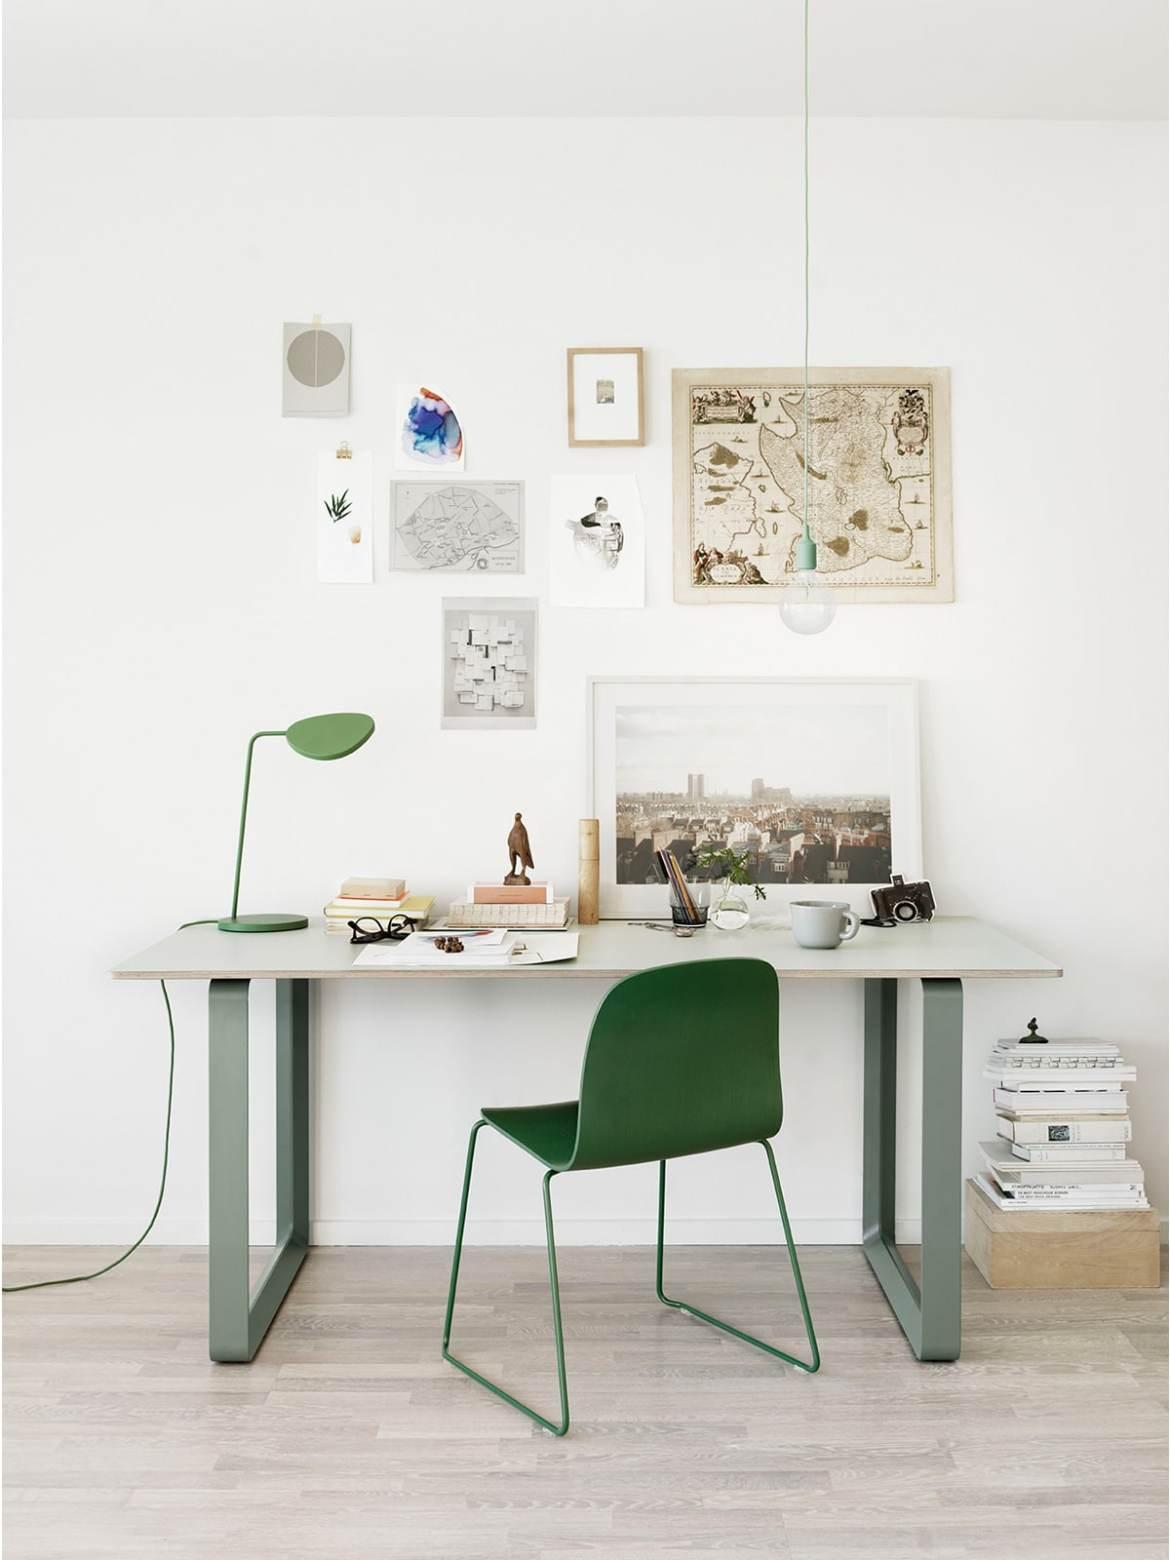 DesignOrt Blog: Beleuchtung für das home Office Leaf Table und E27